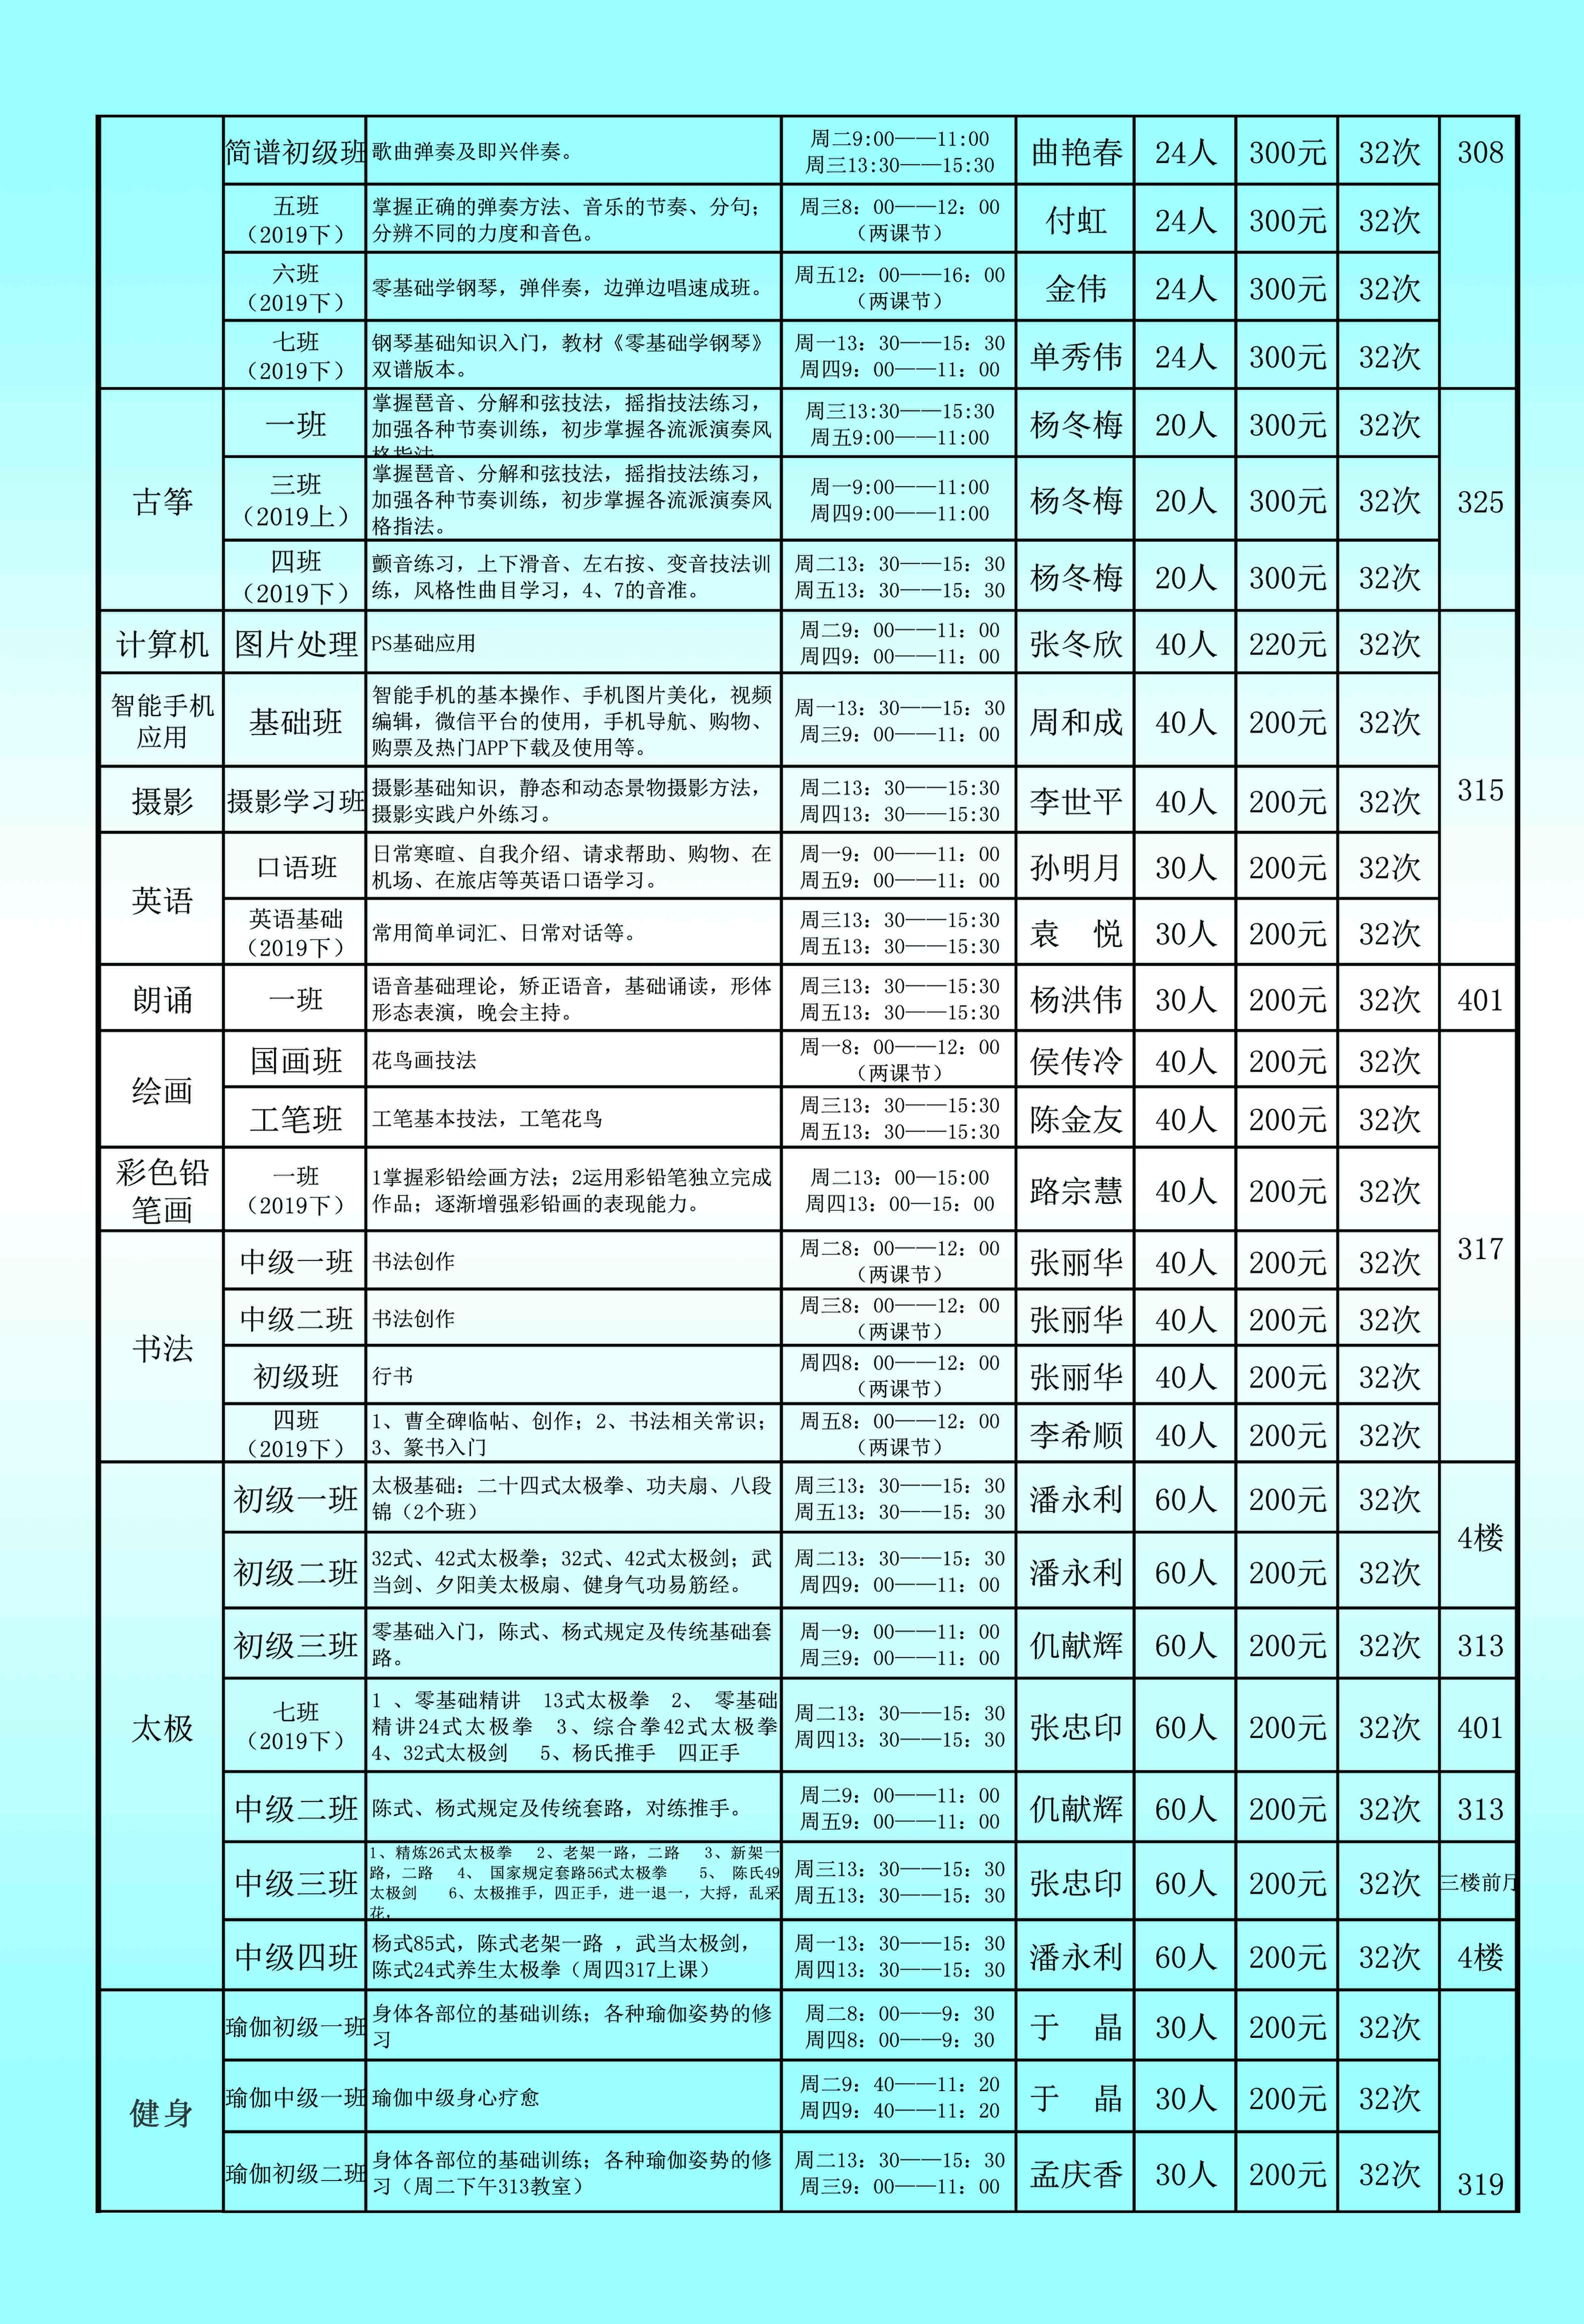 老年大学画展简报-微信图【sheet】_20200101103733